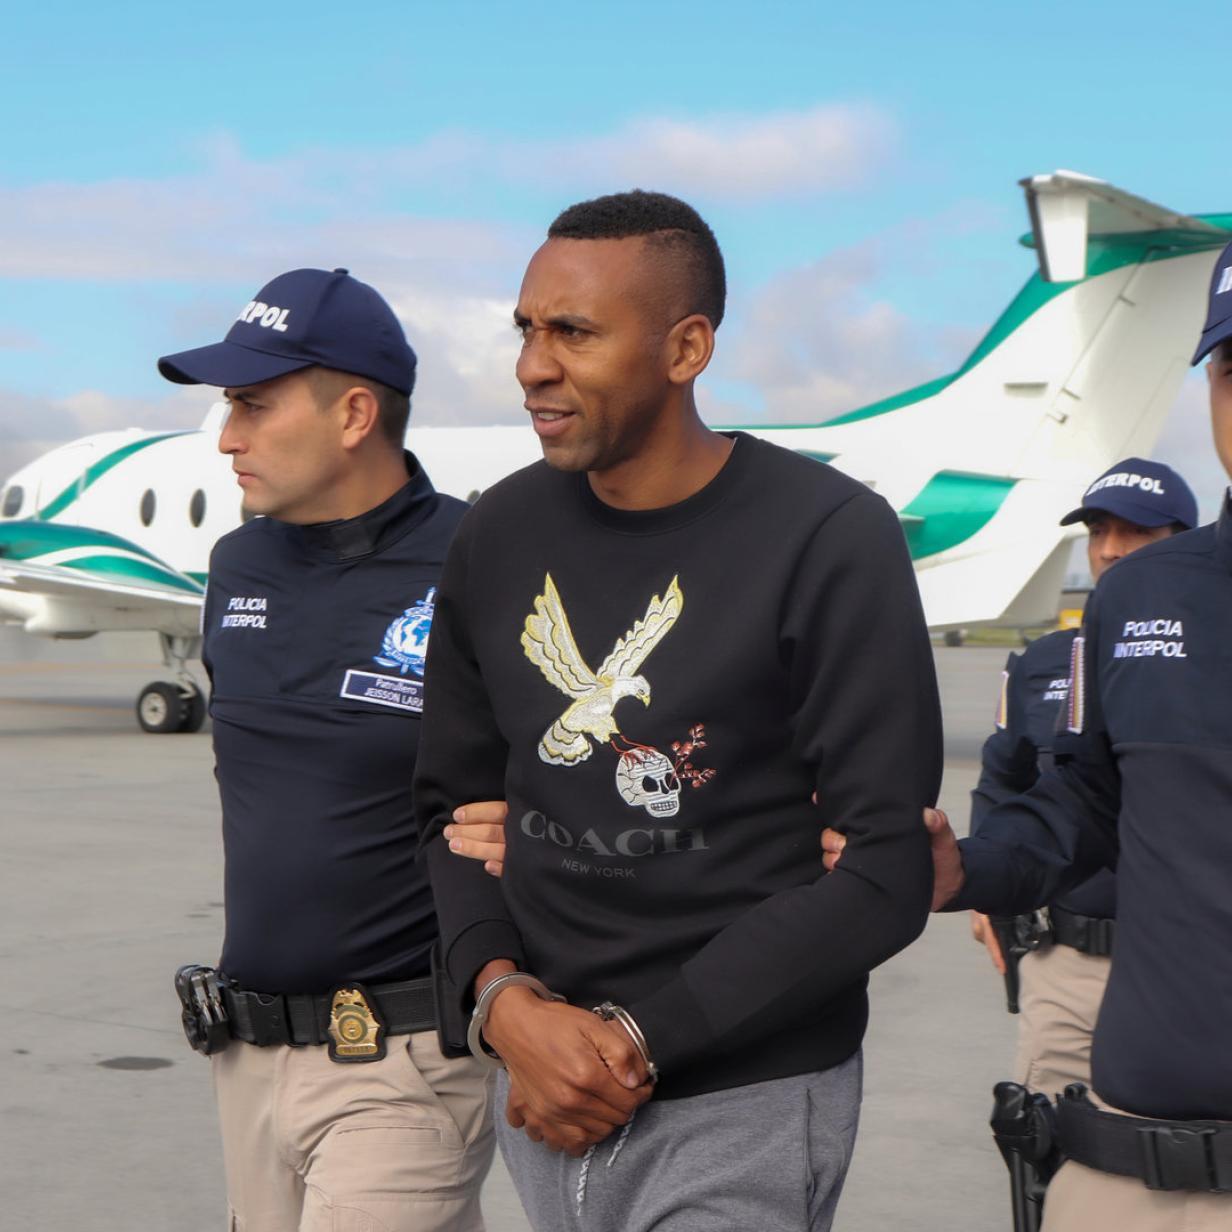 Kolumbien: Ex-Teamspieler soll zwei Tonnen Kokain geschmuggelt haben